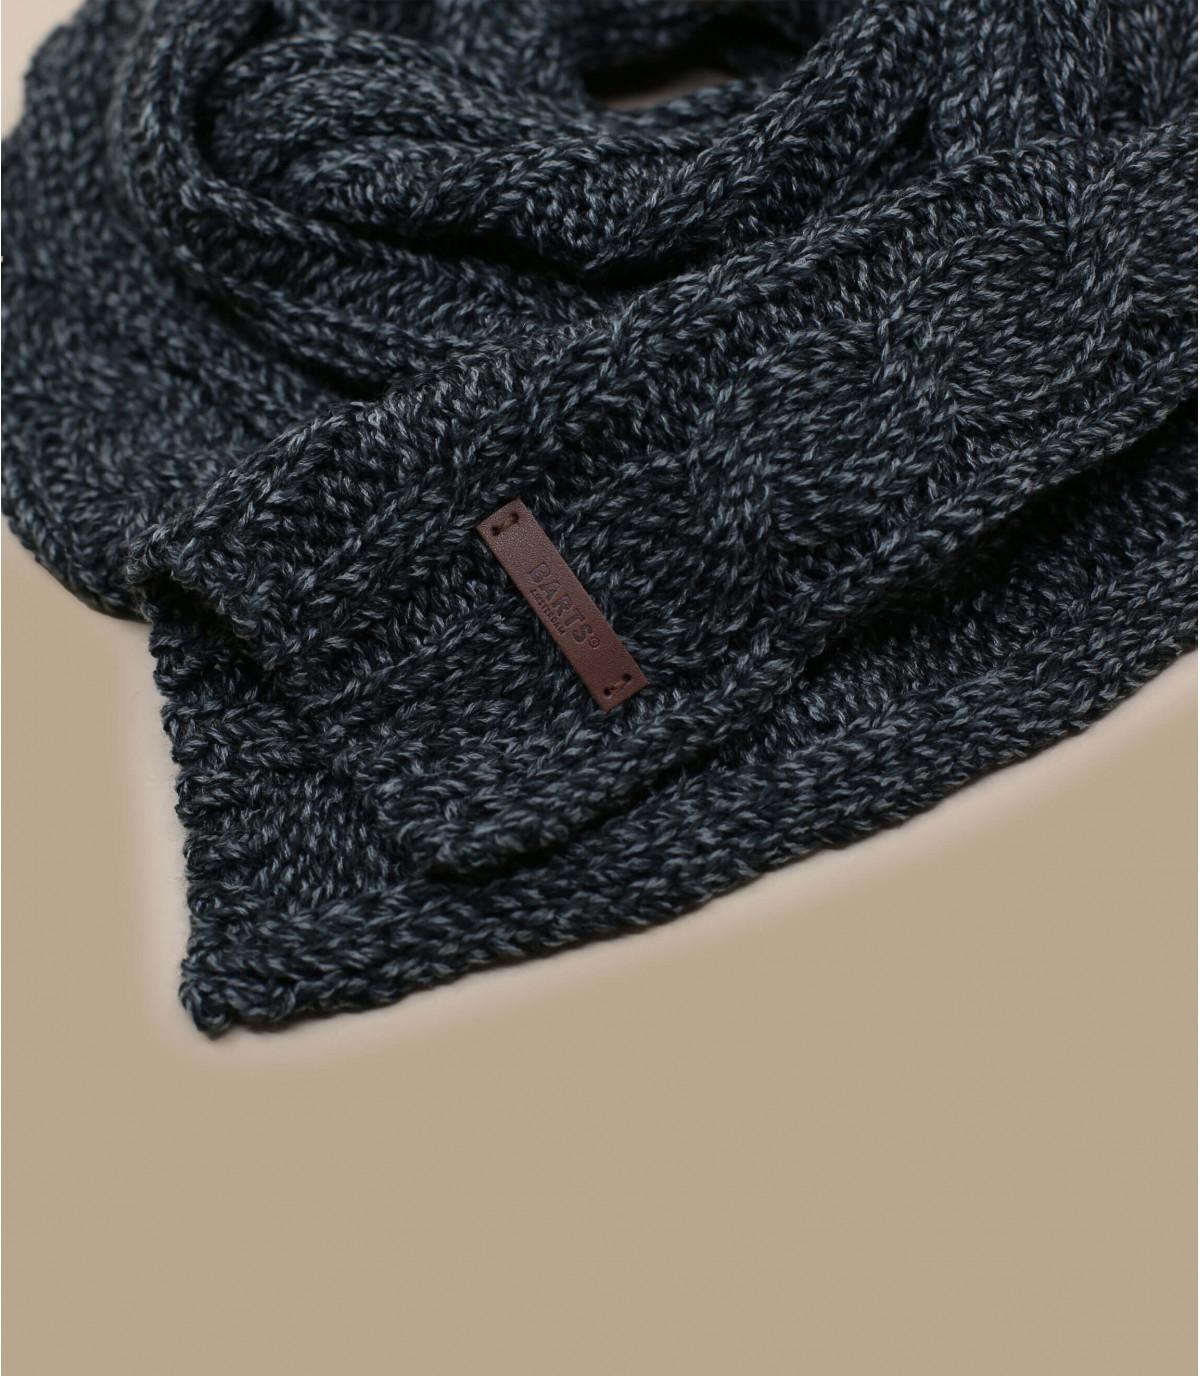 écharpe torsades noire - Twister Scarf black par Barts. Headict 5bb92336e75